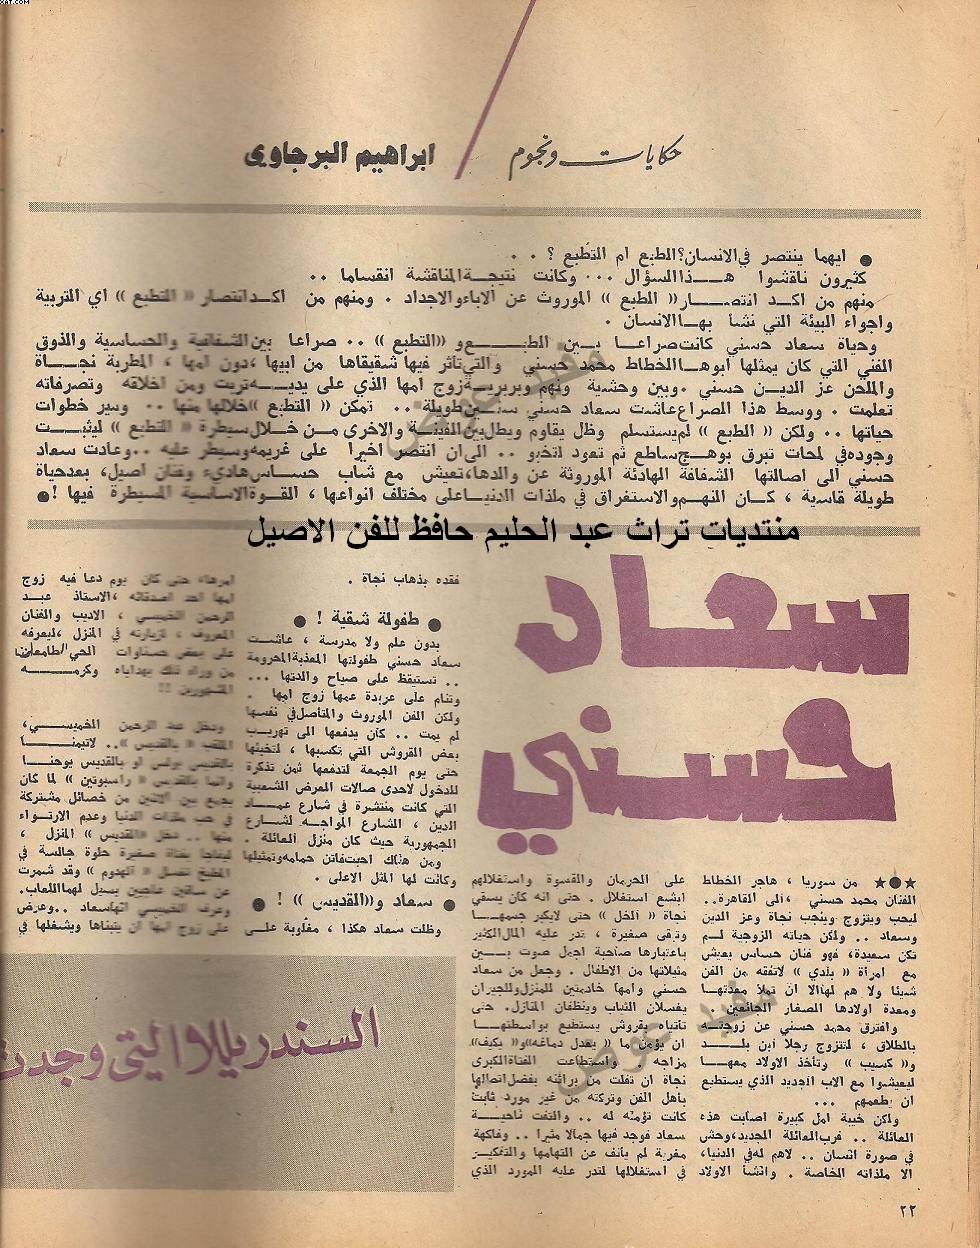 مقال - مقال صحفي : سعاد حسني السندريللا التي وجدت نفسها بعد رحلة شقاء , وعذاب ... ونهم ! 1972 م 181